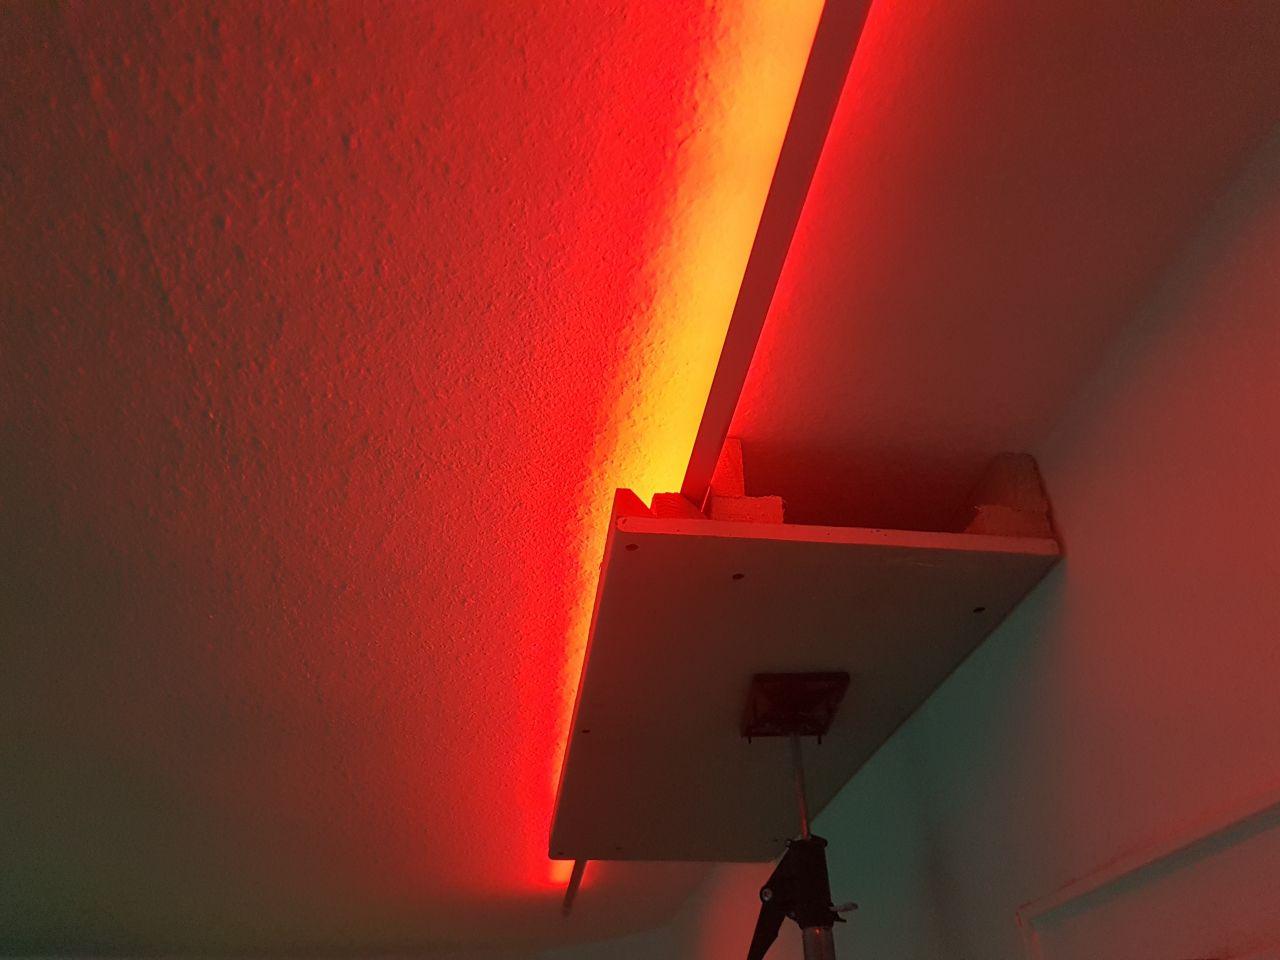 Full Size of Indirekte Beleuchtung Decke Selber Bauen Led Machen Wohnzimmer Bauanleitung Zum Selberbauen 1 2 Docom Kopfteil Bett Boxspring Deckenleuchte Küche Deckenlampen Wohnzimmer Indirekte Beleuchtung Decke Selber Bauen